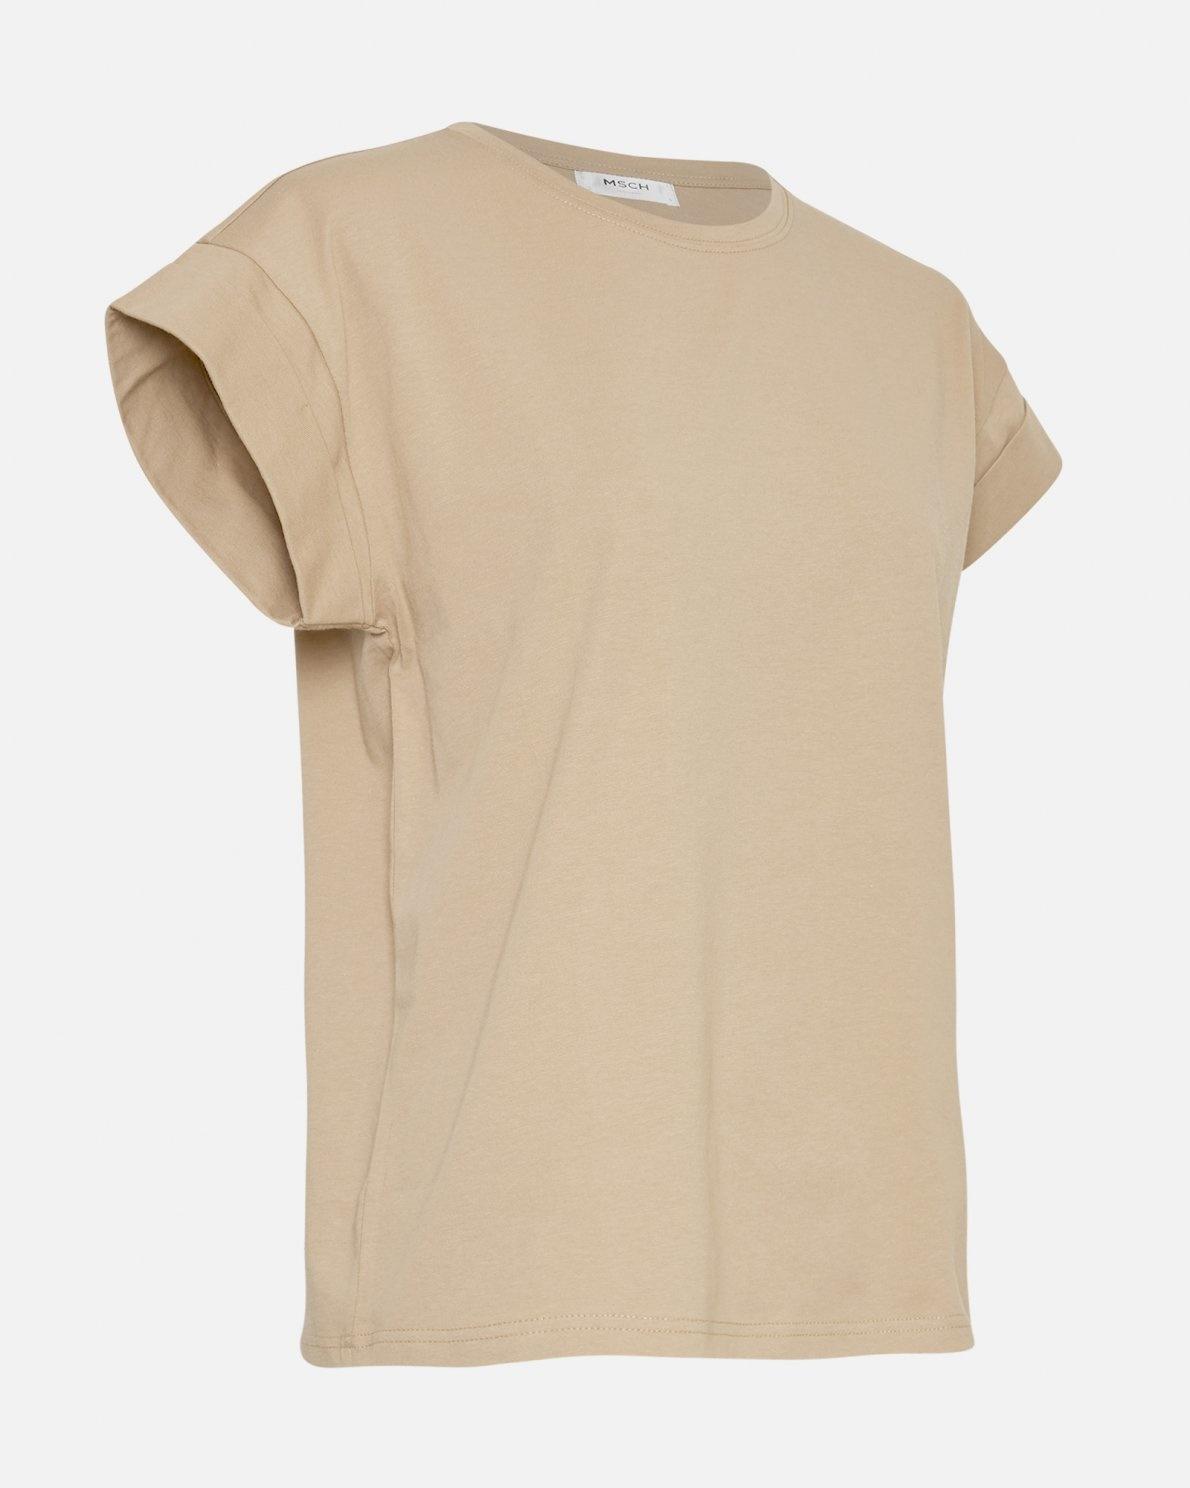 Alva T-shirt White Pepper-2